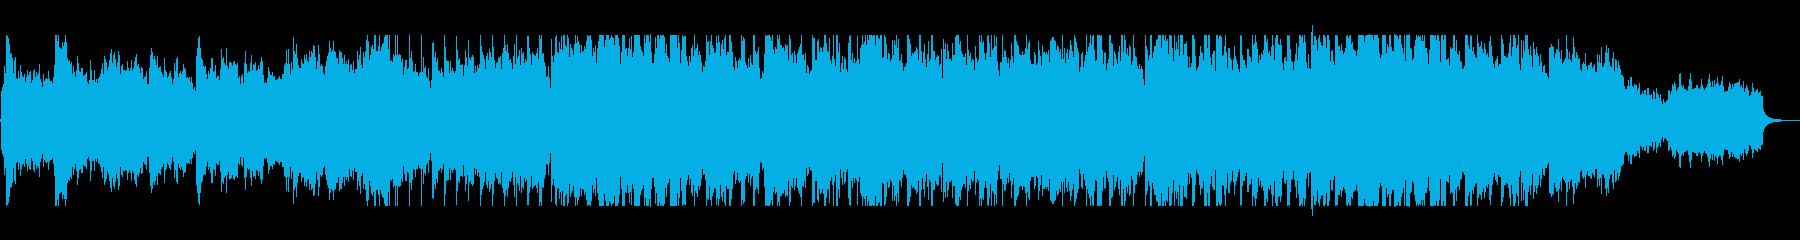 壮大で優雅なトランペット・ピアノサウンドの再生済みの波形